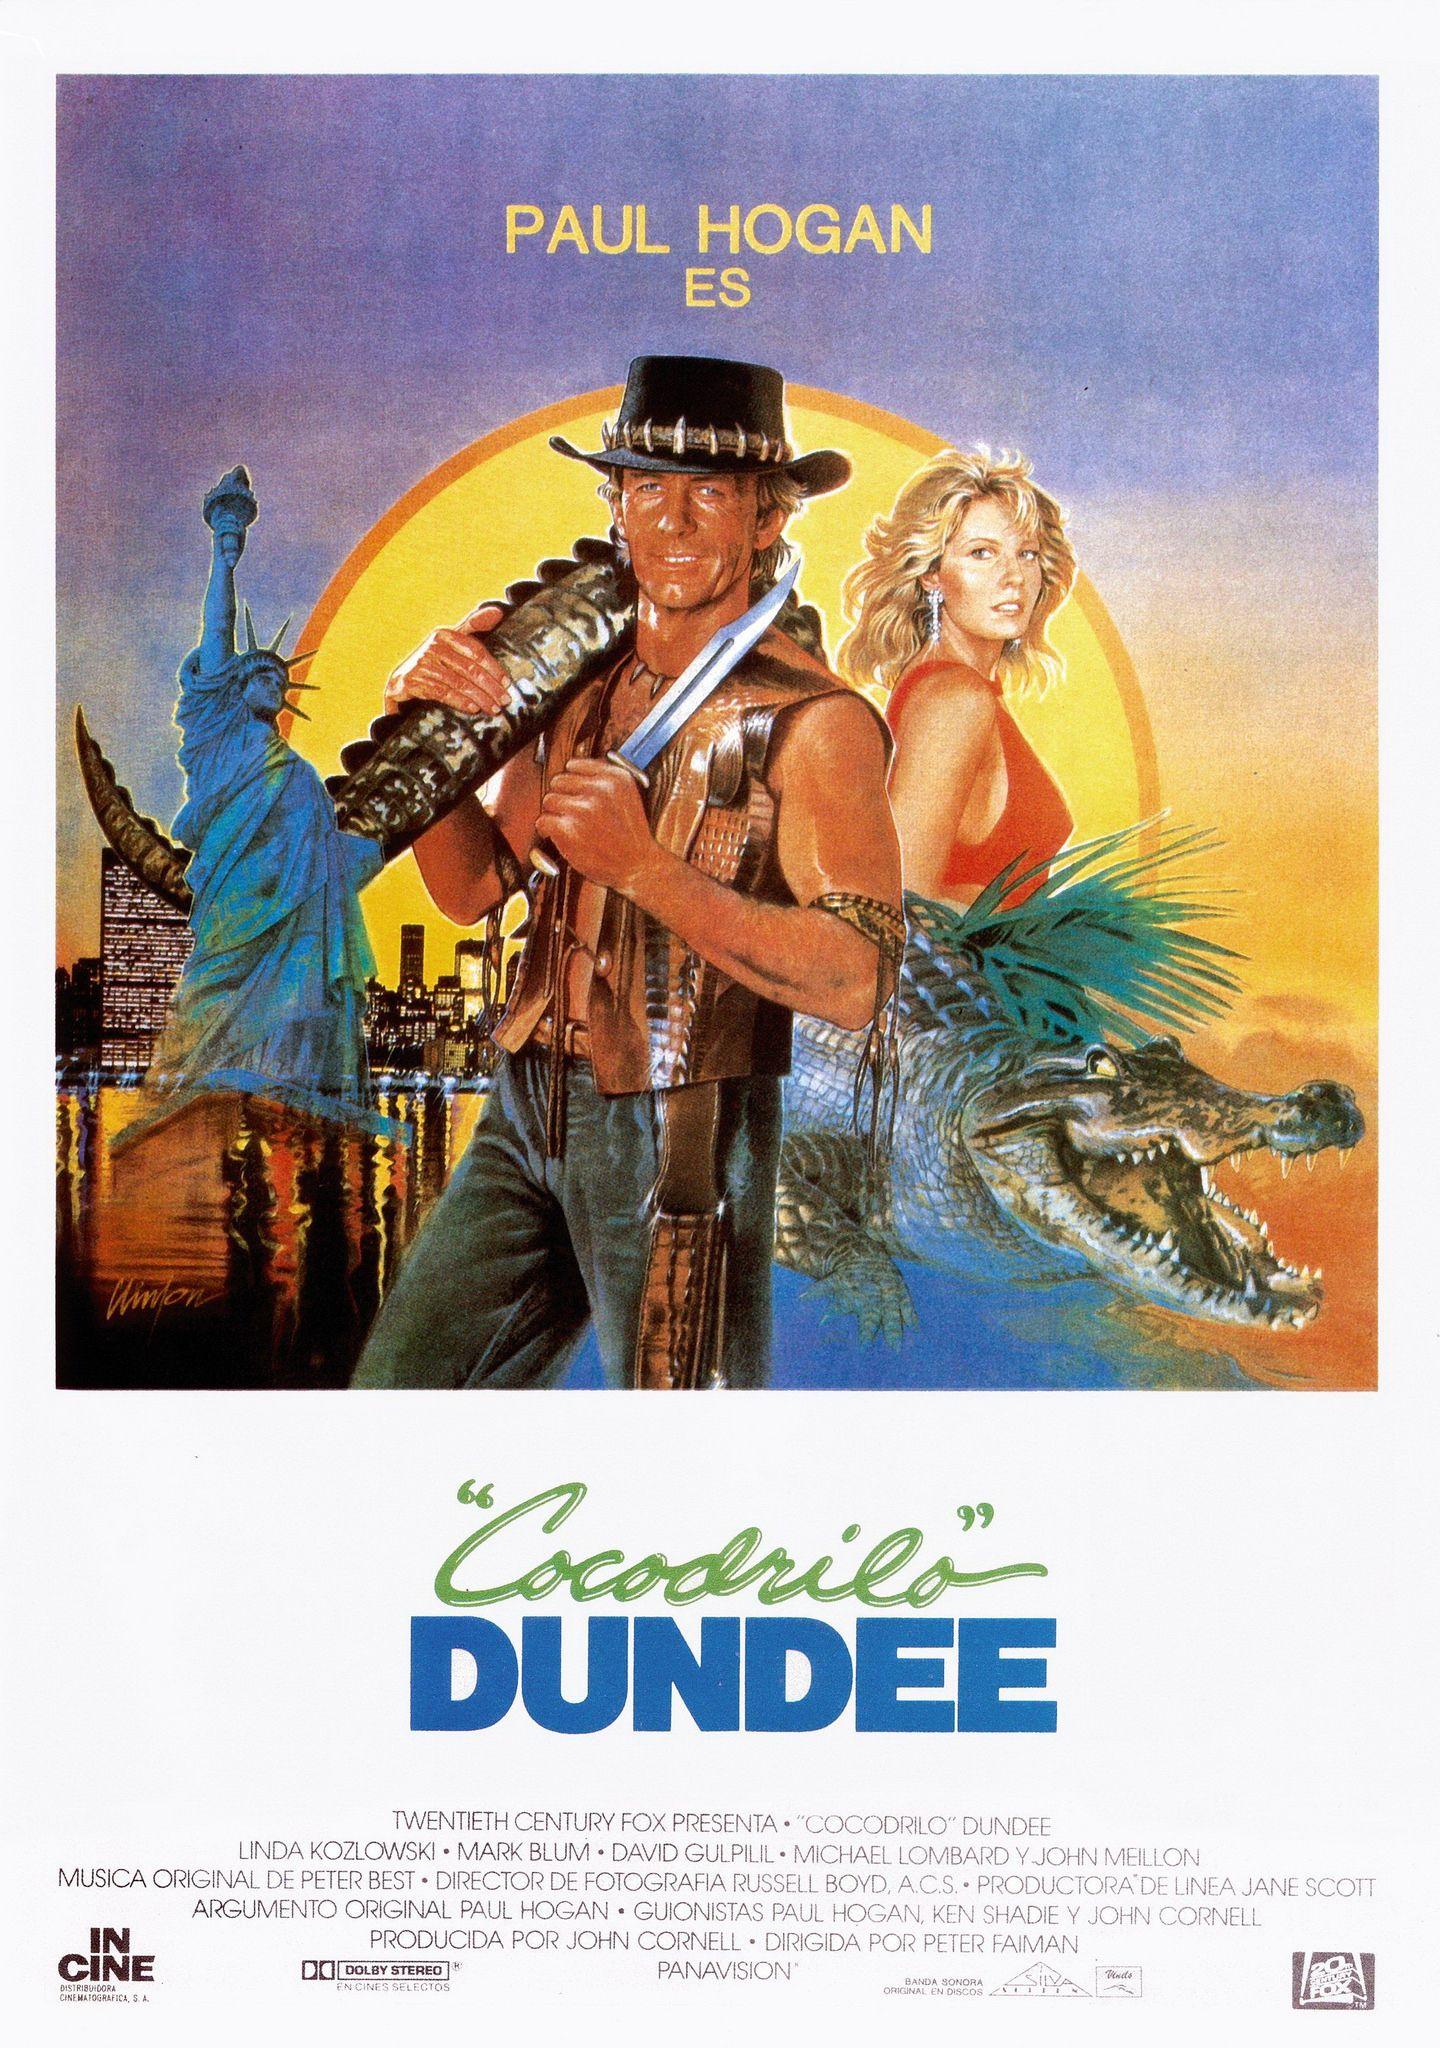 Cocodrilo Dundee Cocodrilo Dundee Dundee Carteles De Peliculas Famosas